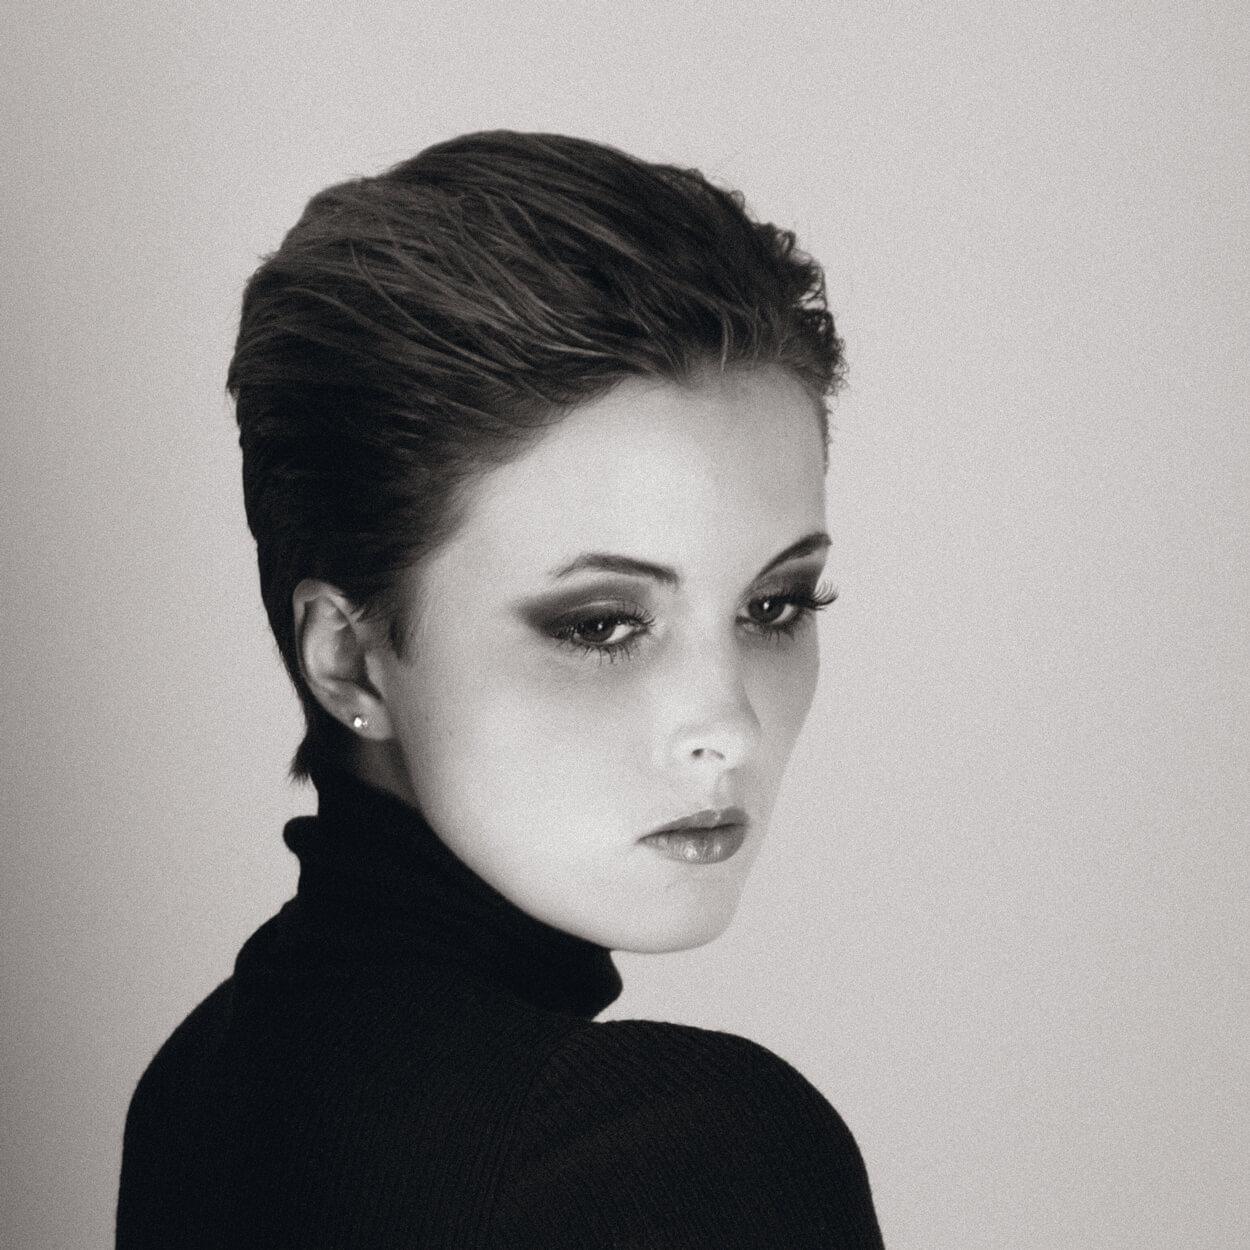 Portrait |Frau | Schwarz weiß